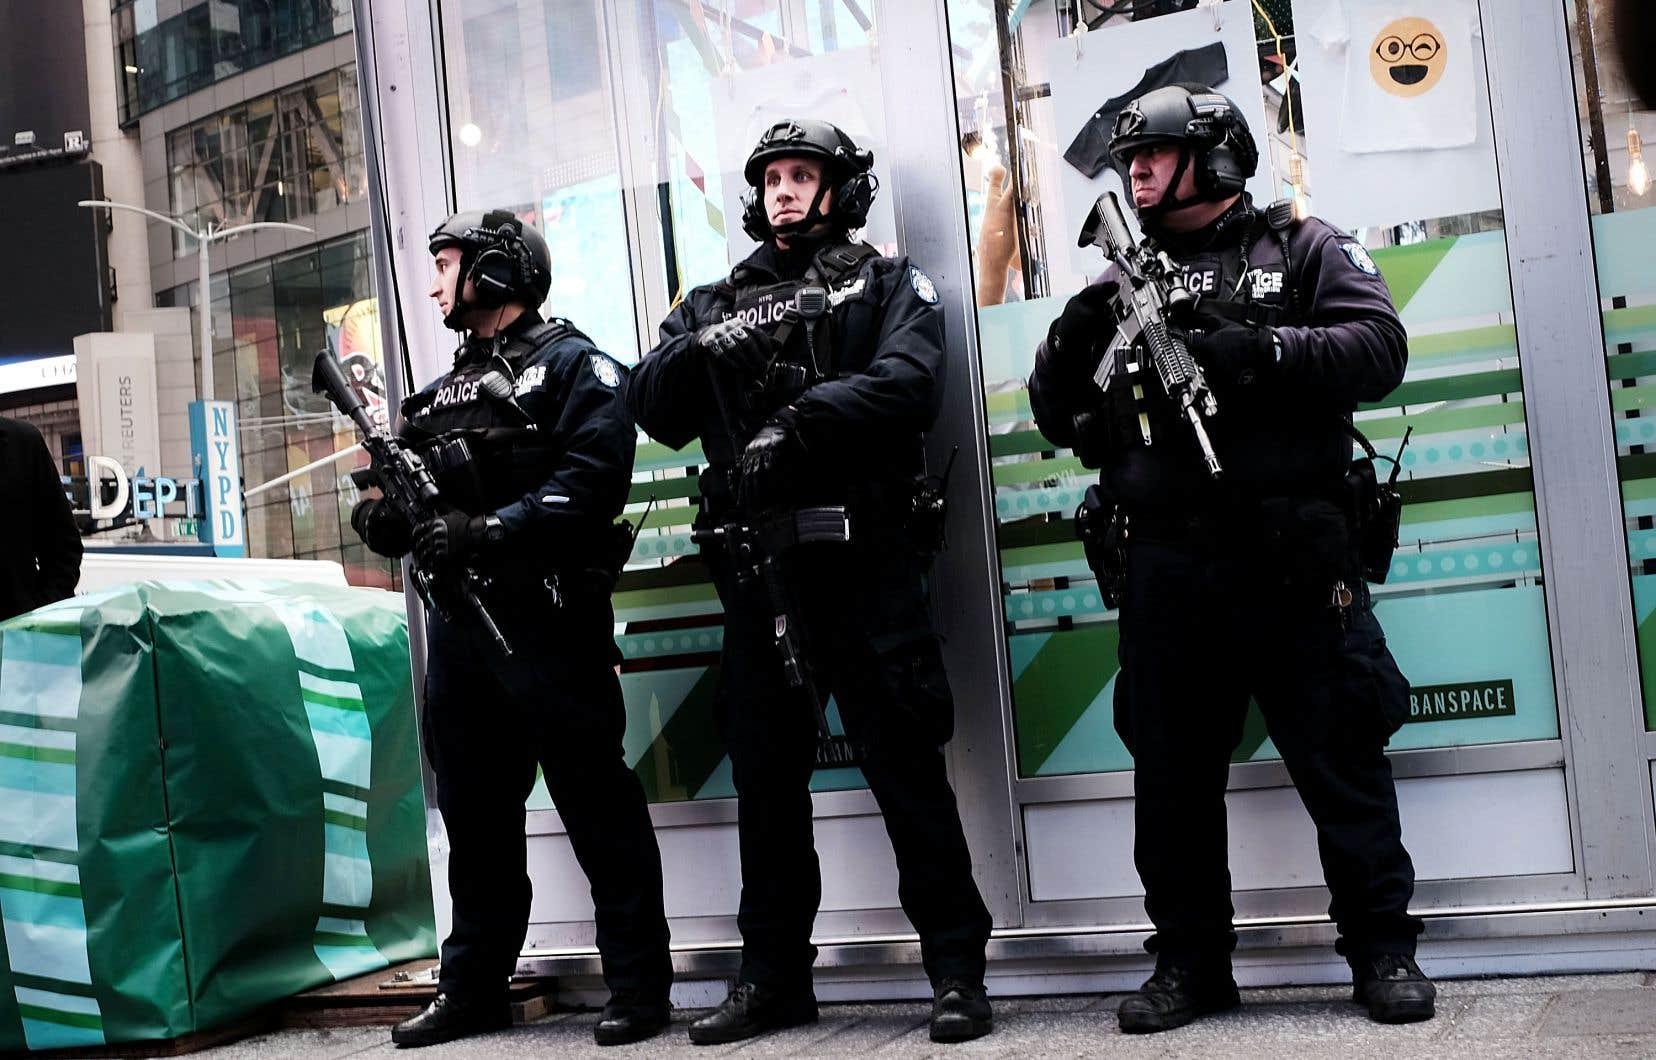 À la suite d'attentats terroristes, les gouvernements renforcent leur sécurité nationale en augmentant la présence des forces armées.